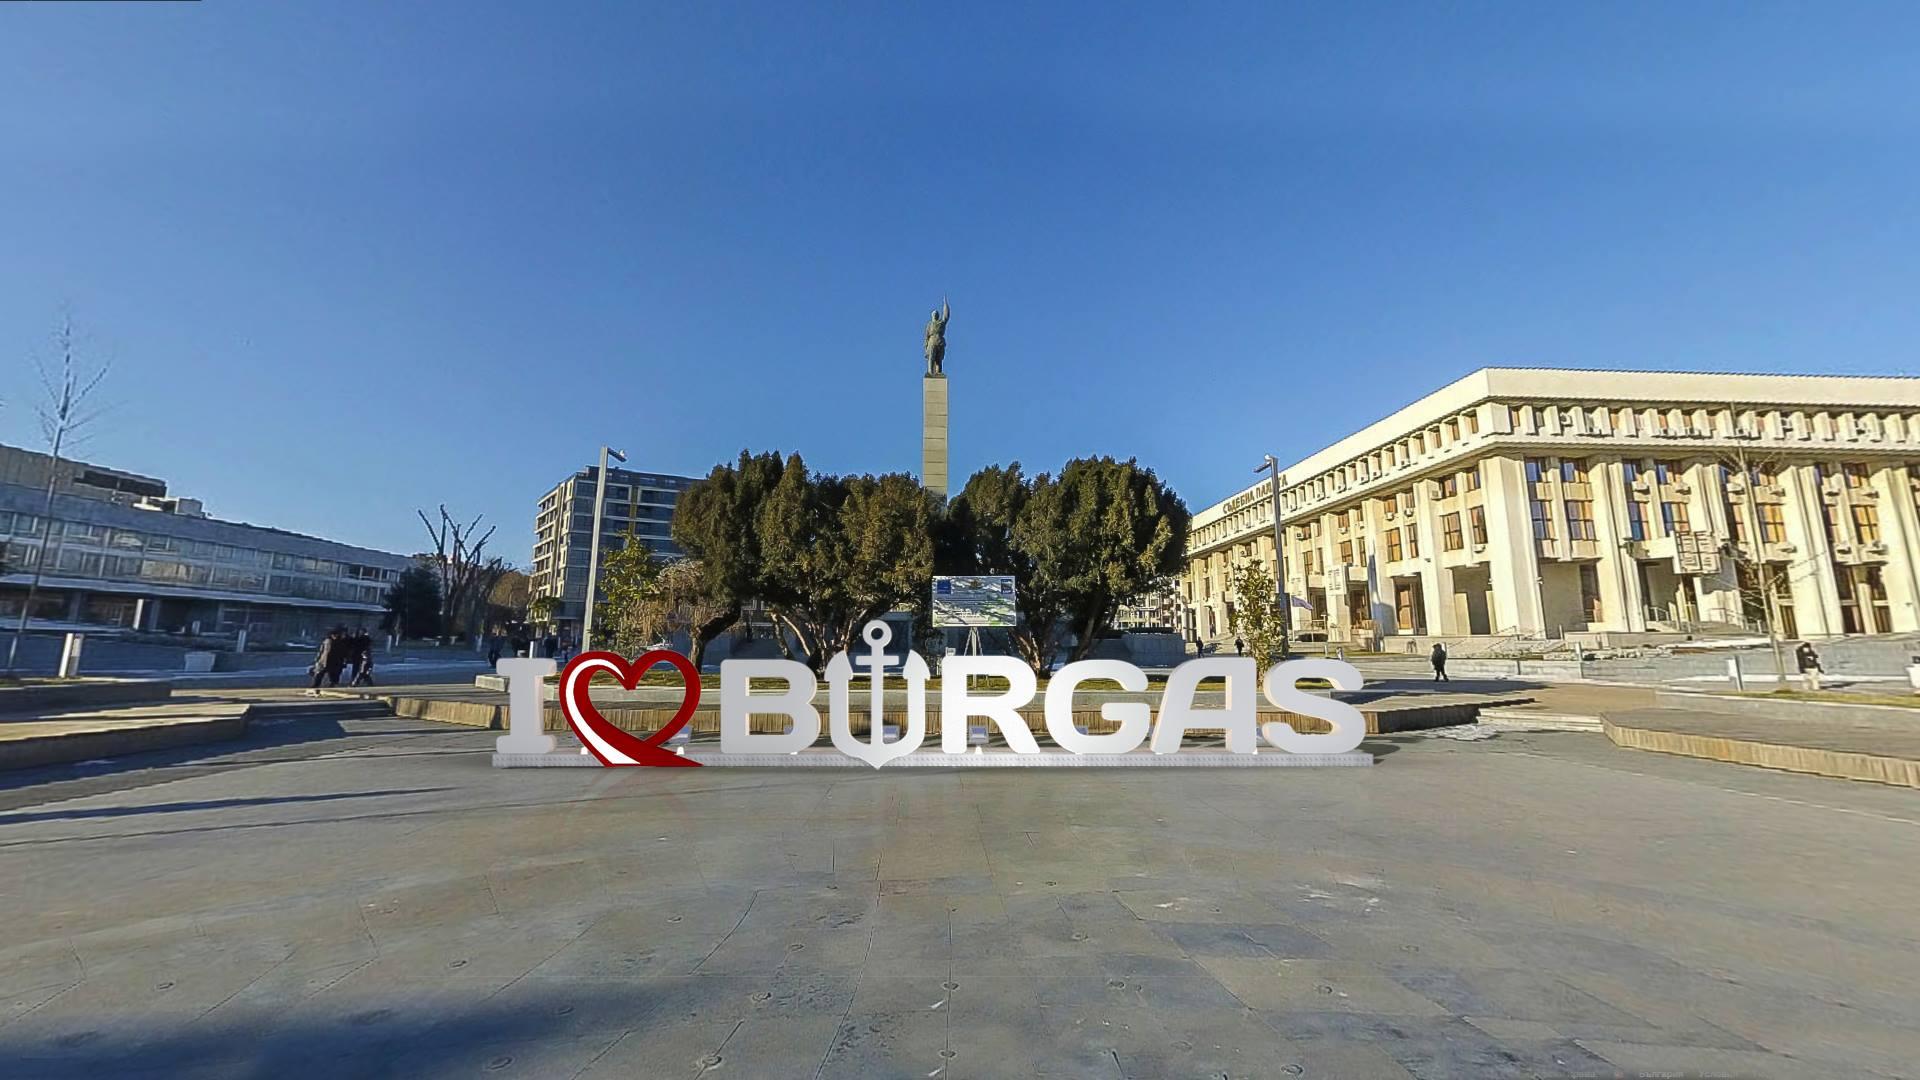 Съветници предлагат нова атракция за снимки в Бургас